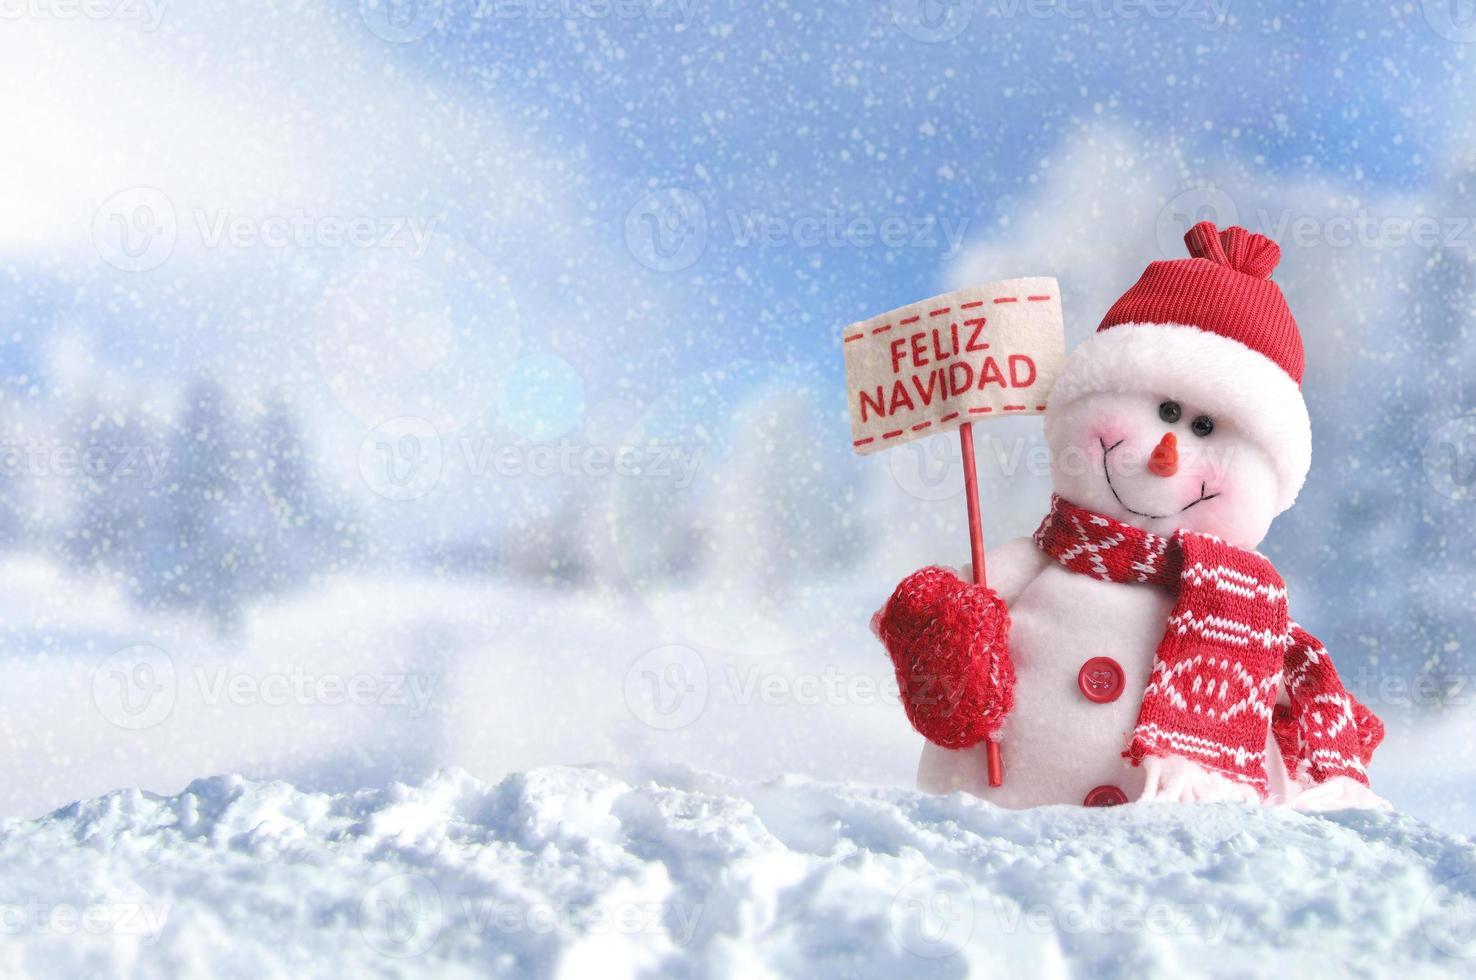 snögubbe med ett plakat feliz navidad på snön foto